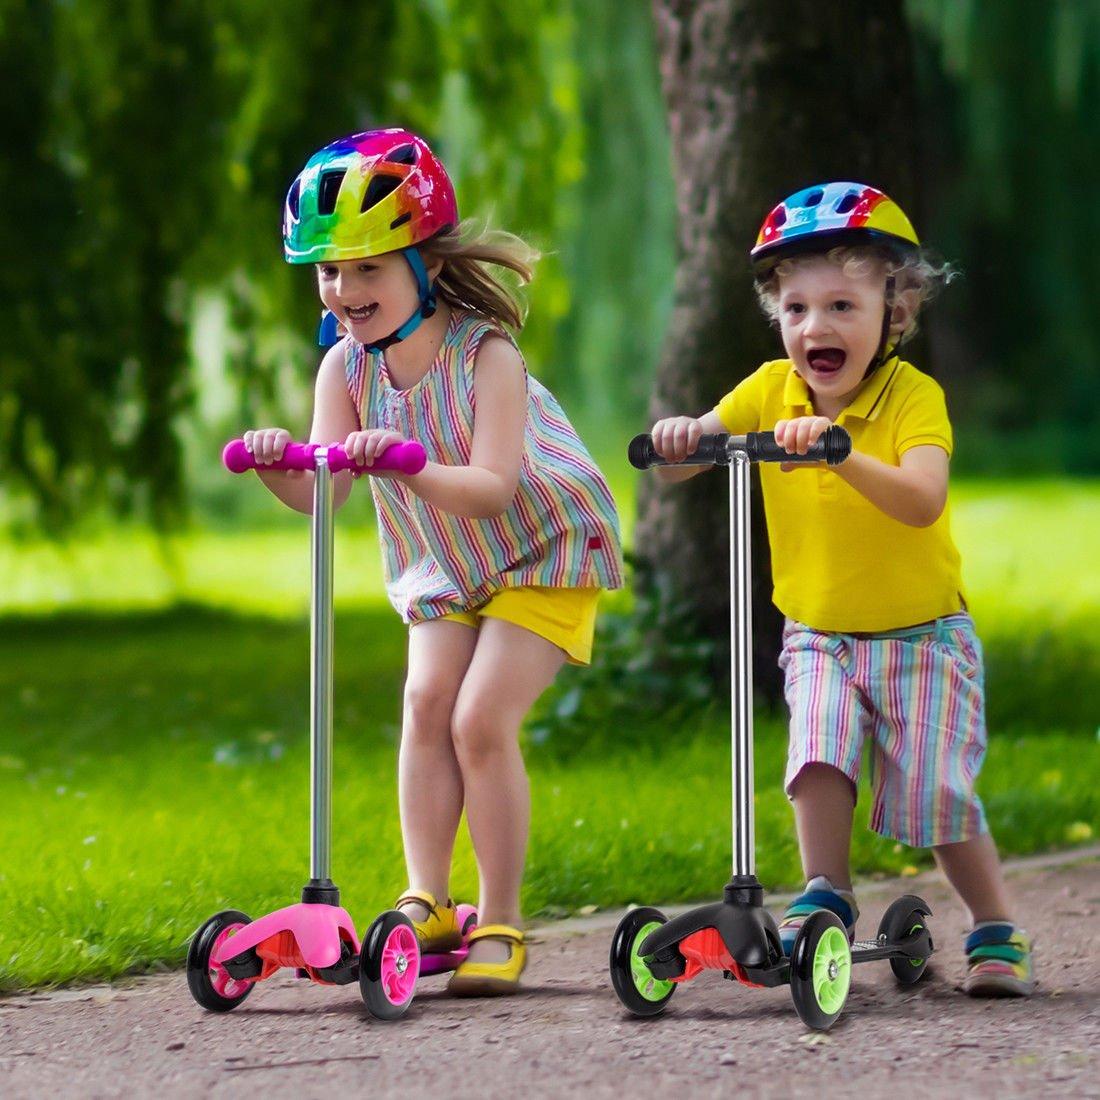 Amazon.com: m.e.r.a. nuevo scooter para niños, Deluxe rosa 3 ...